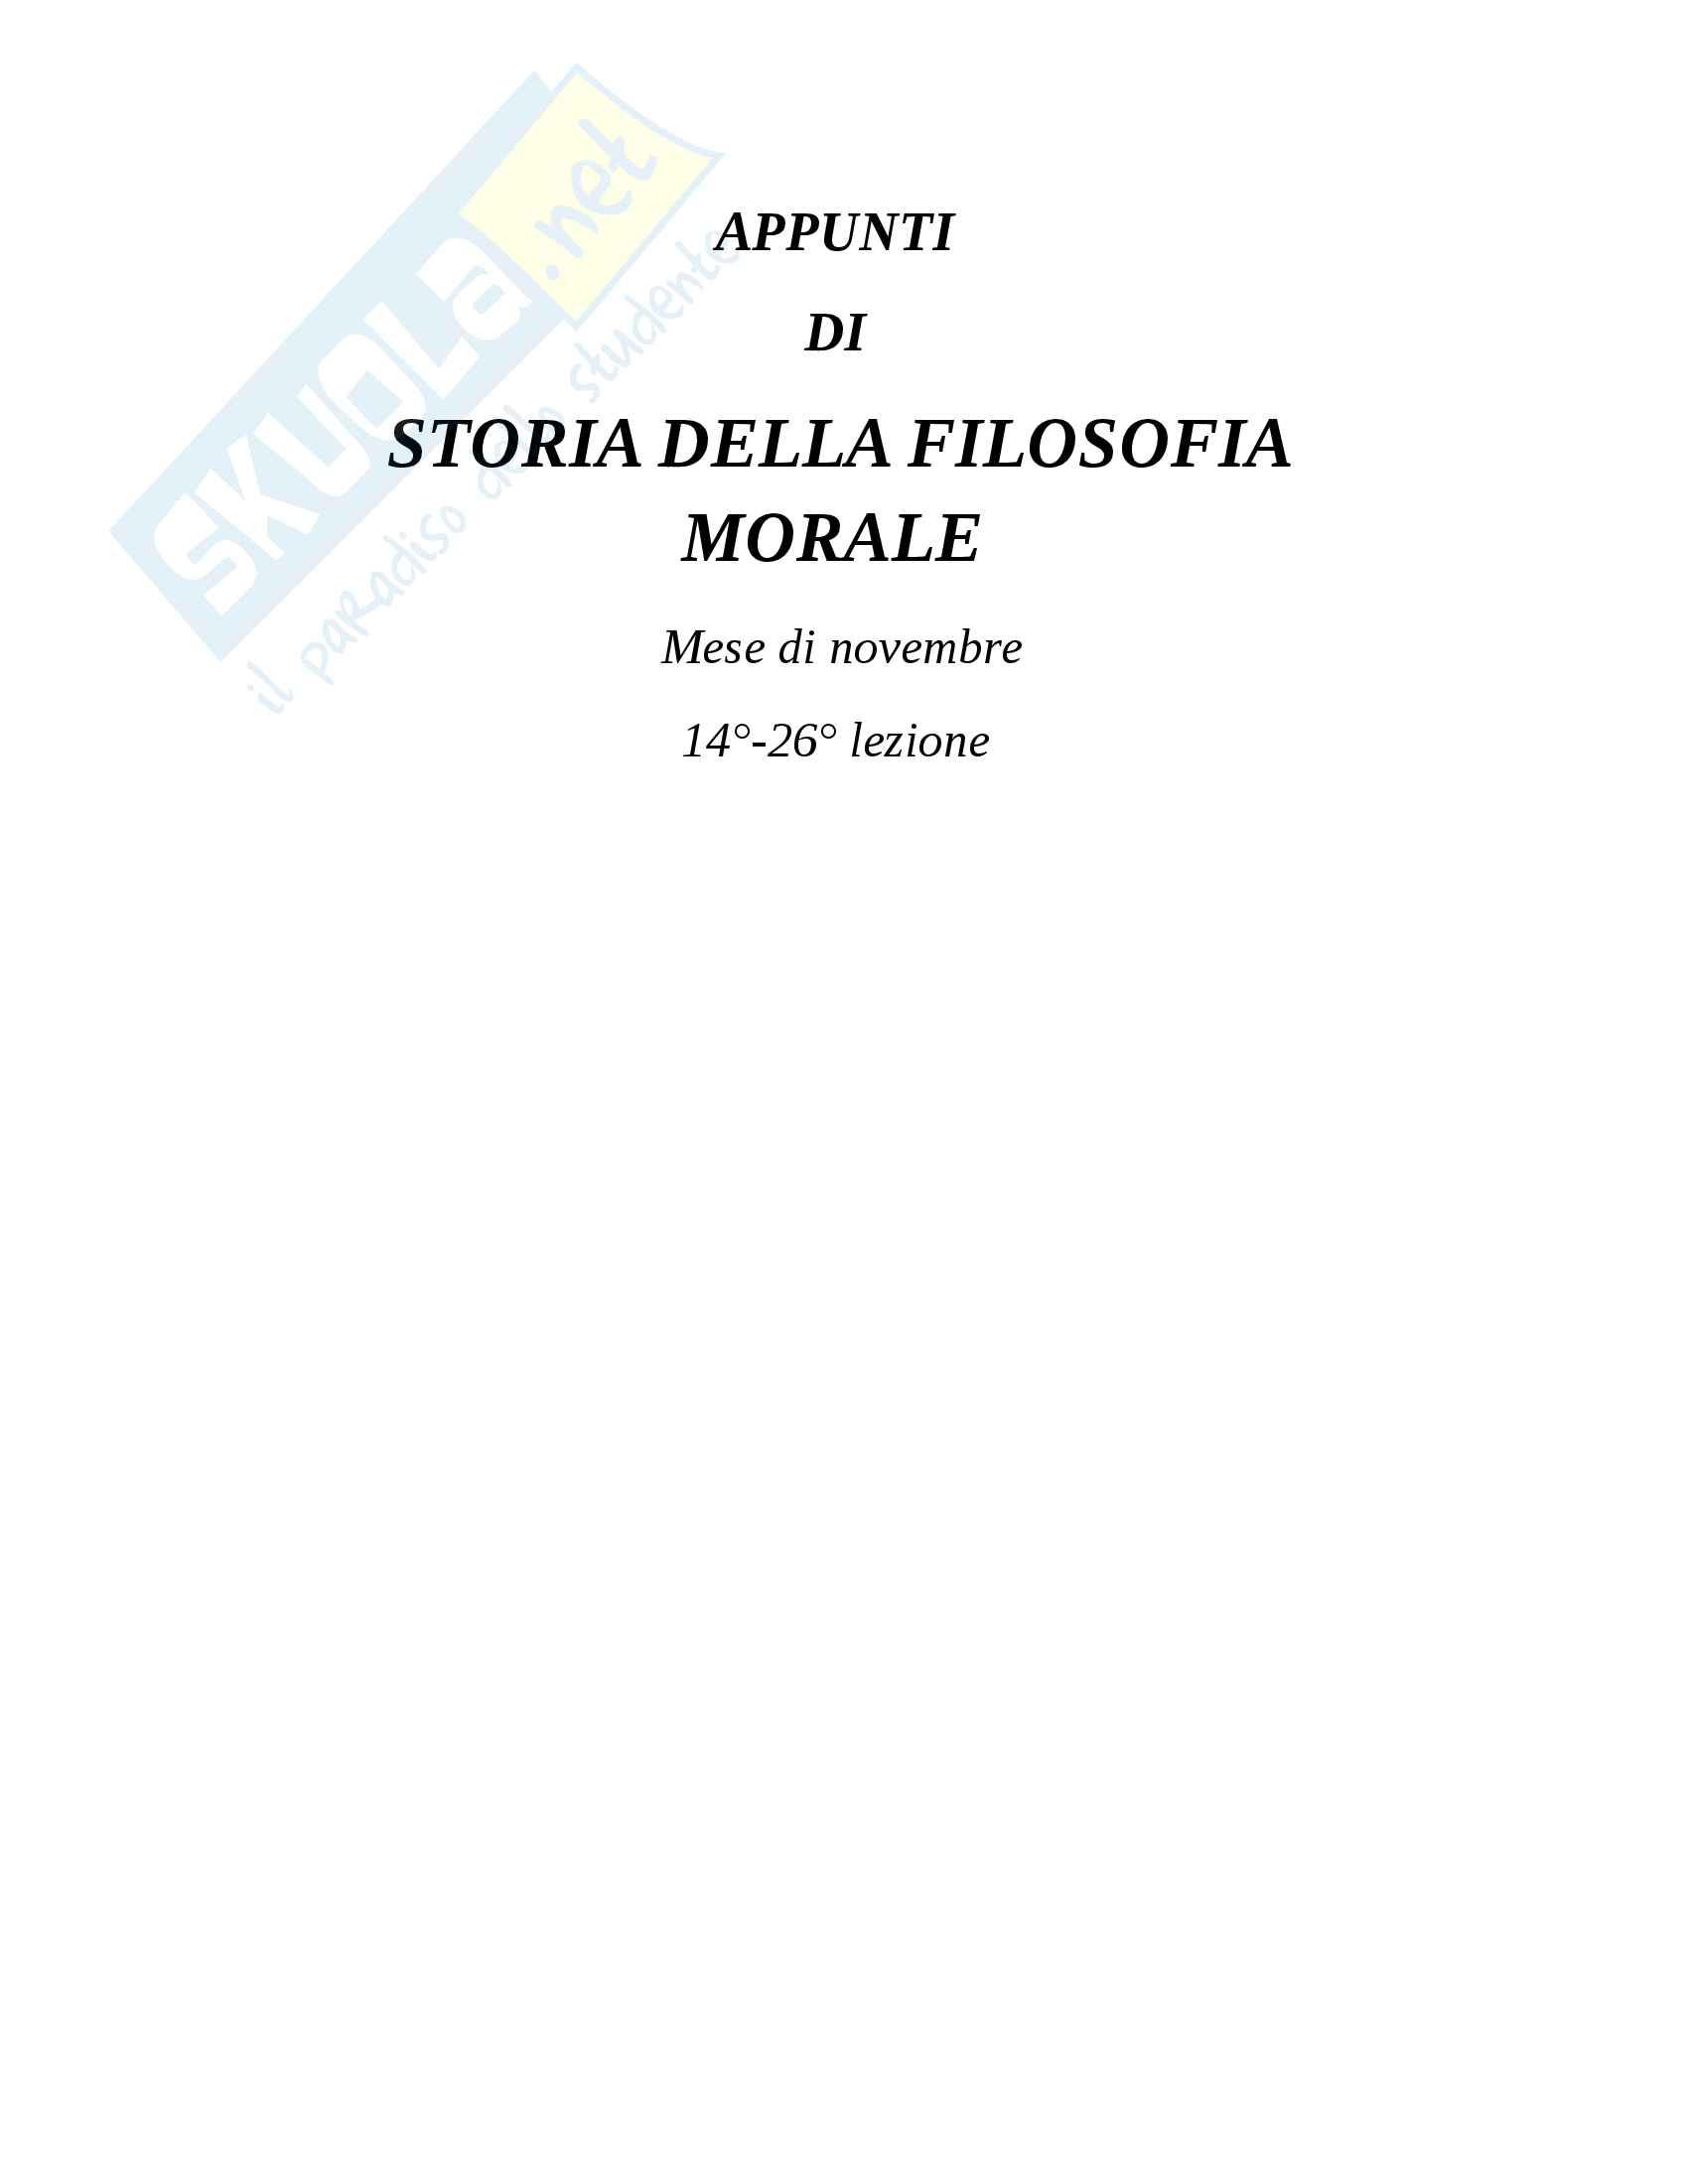 Appunti di storia della filosofia morale: novembre 14-26 lezione